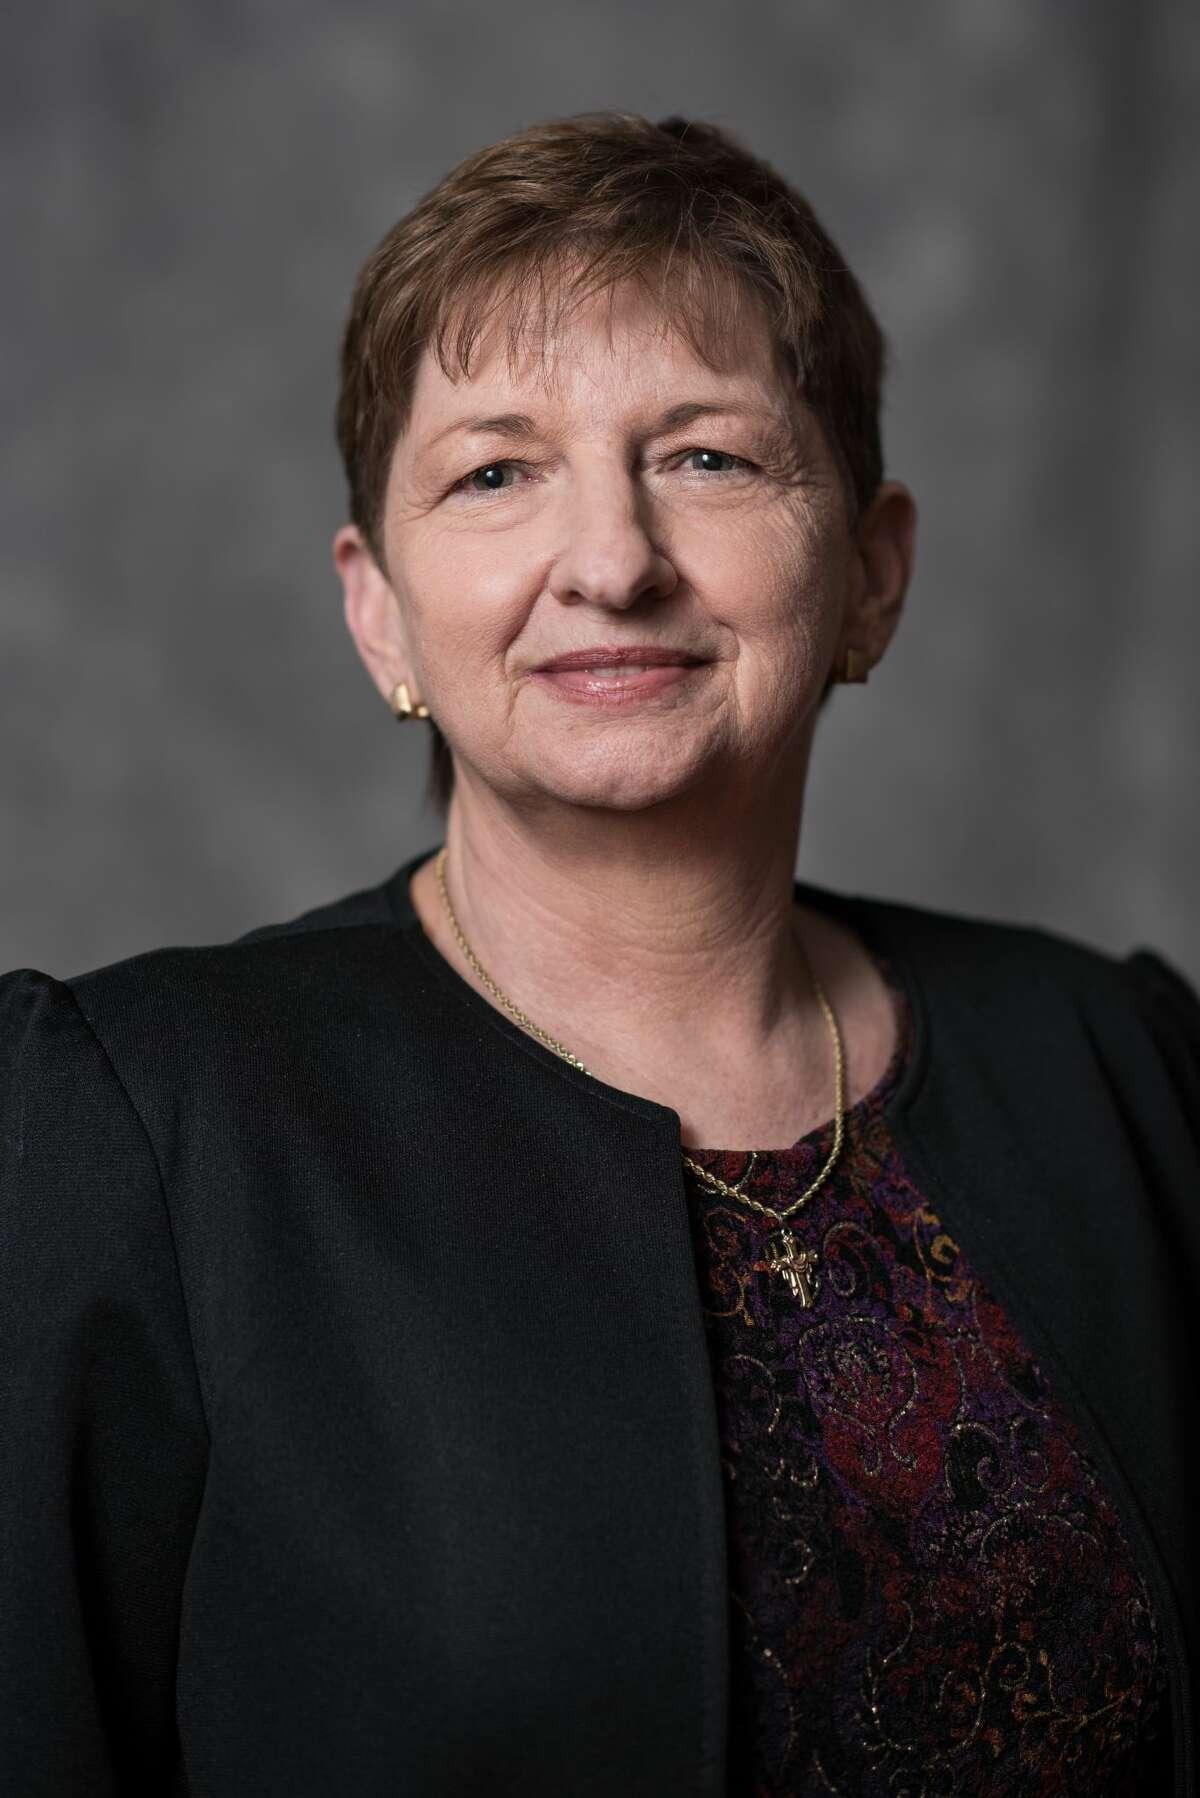 Karen Edmondson